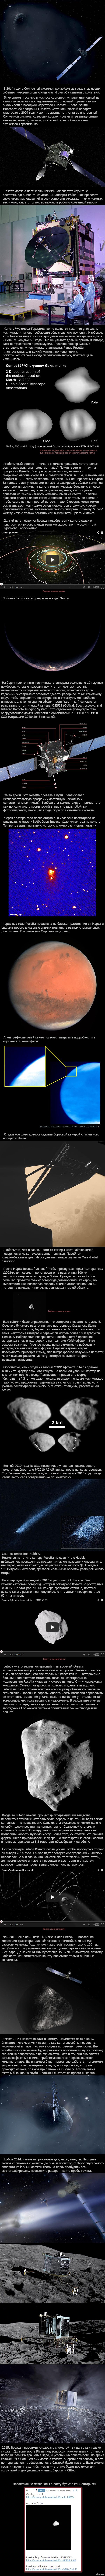 Rosetta — самая интересная космическая миссия 2014 года Длина поста 14,7к пикселей